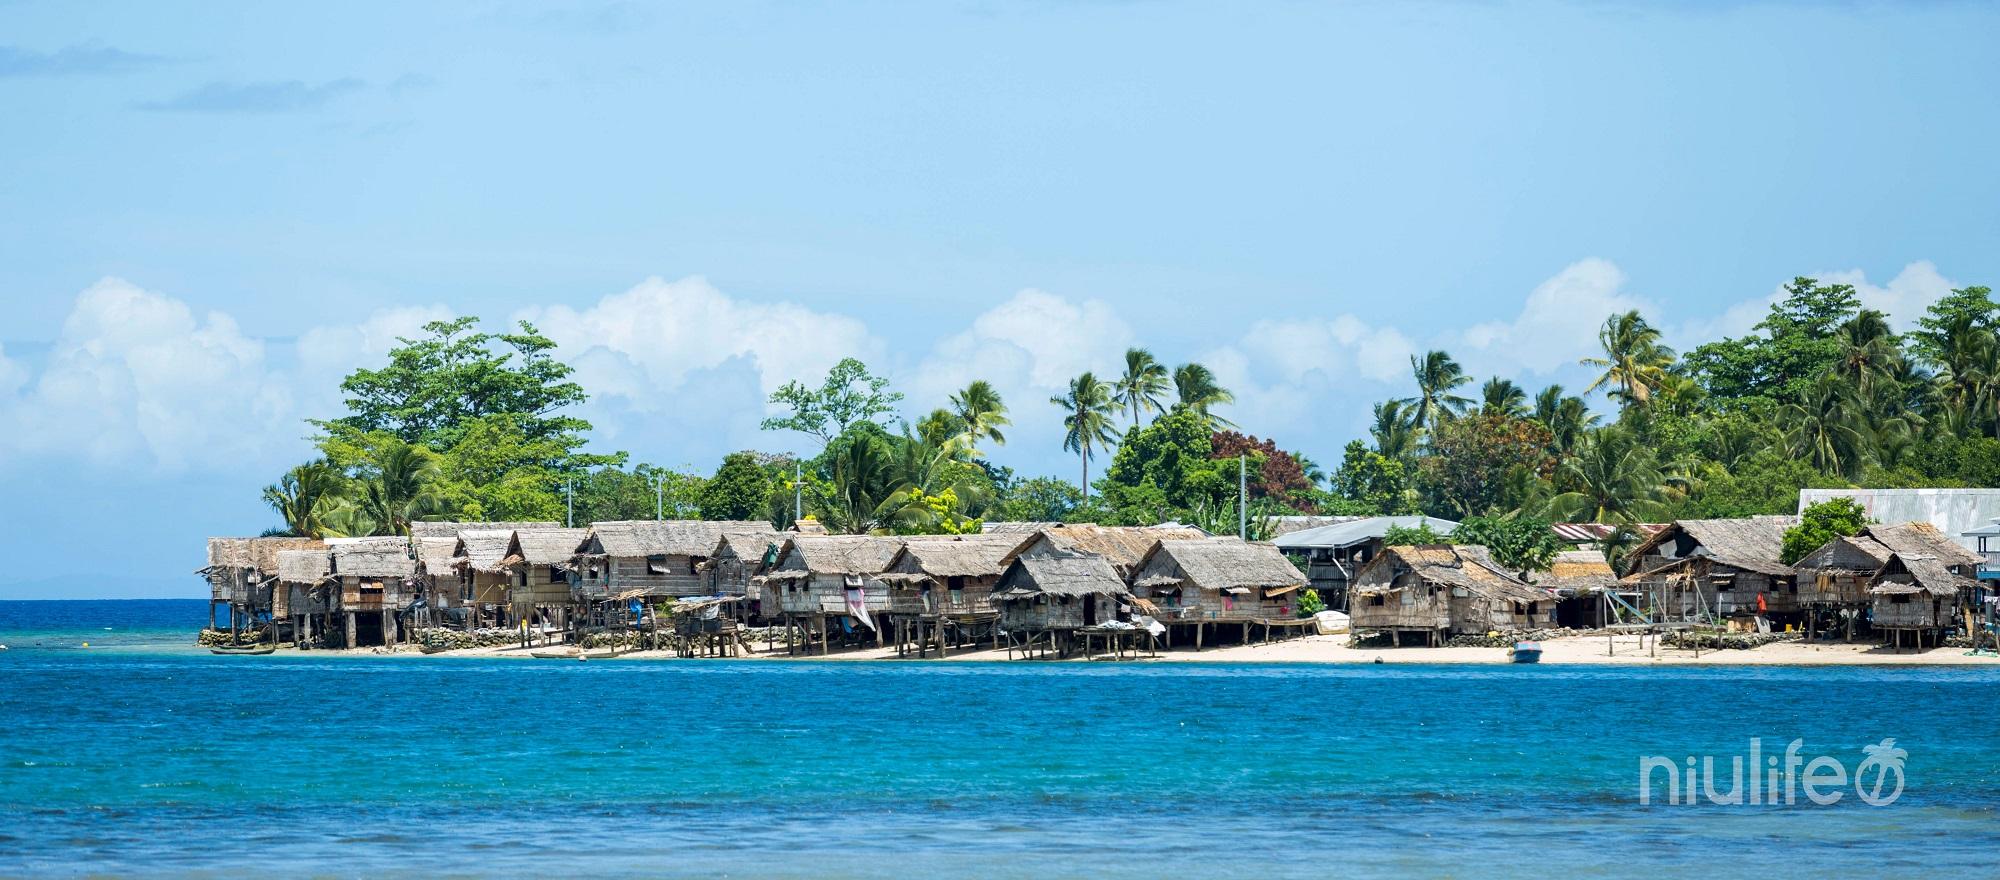 huisjes van de Solomon bewoners waar de meest fair trade kokosolie wordt geproduceerd.